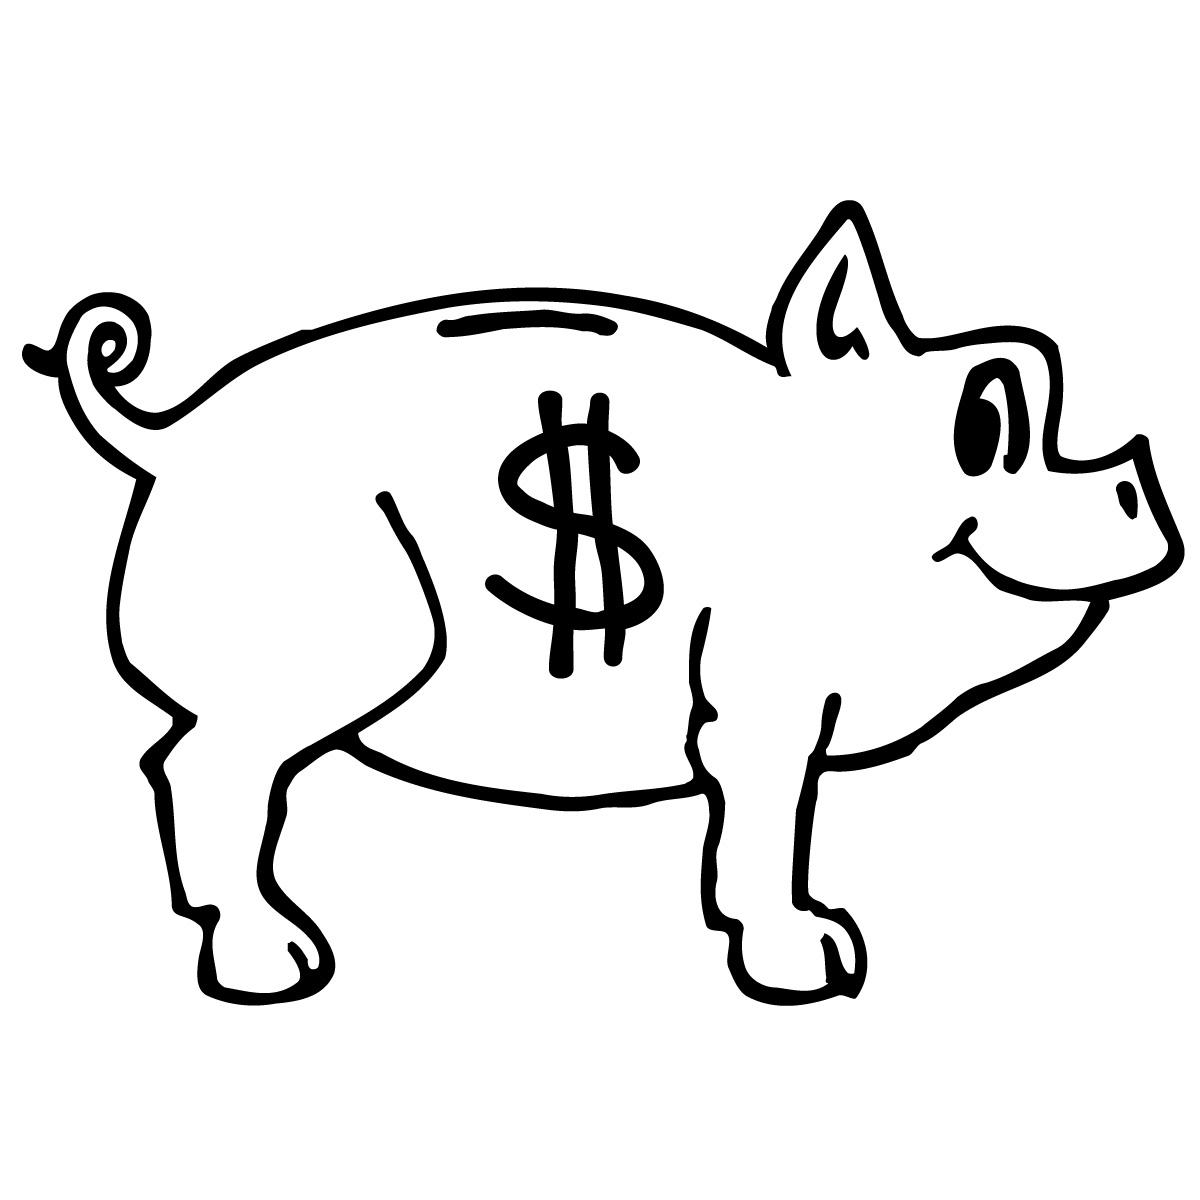 Clip Art Money Dollar Sign 1